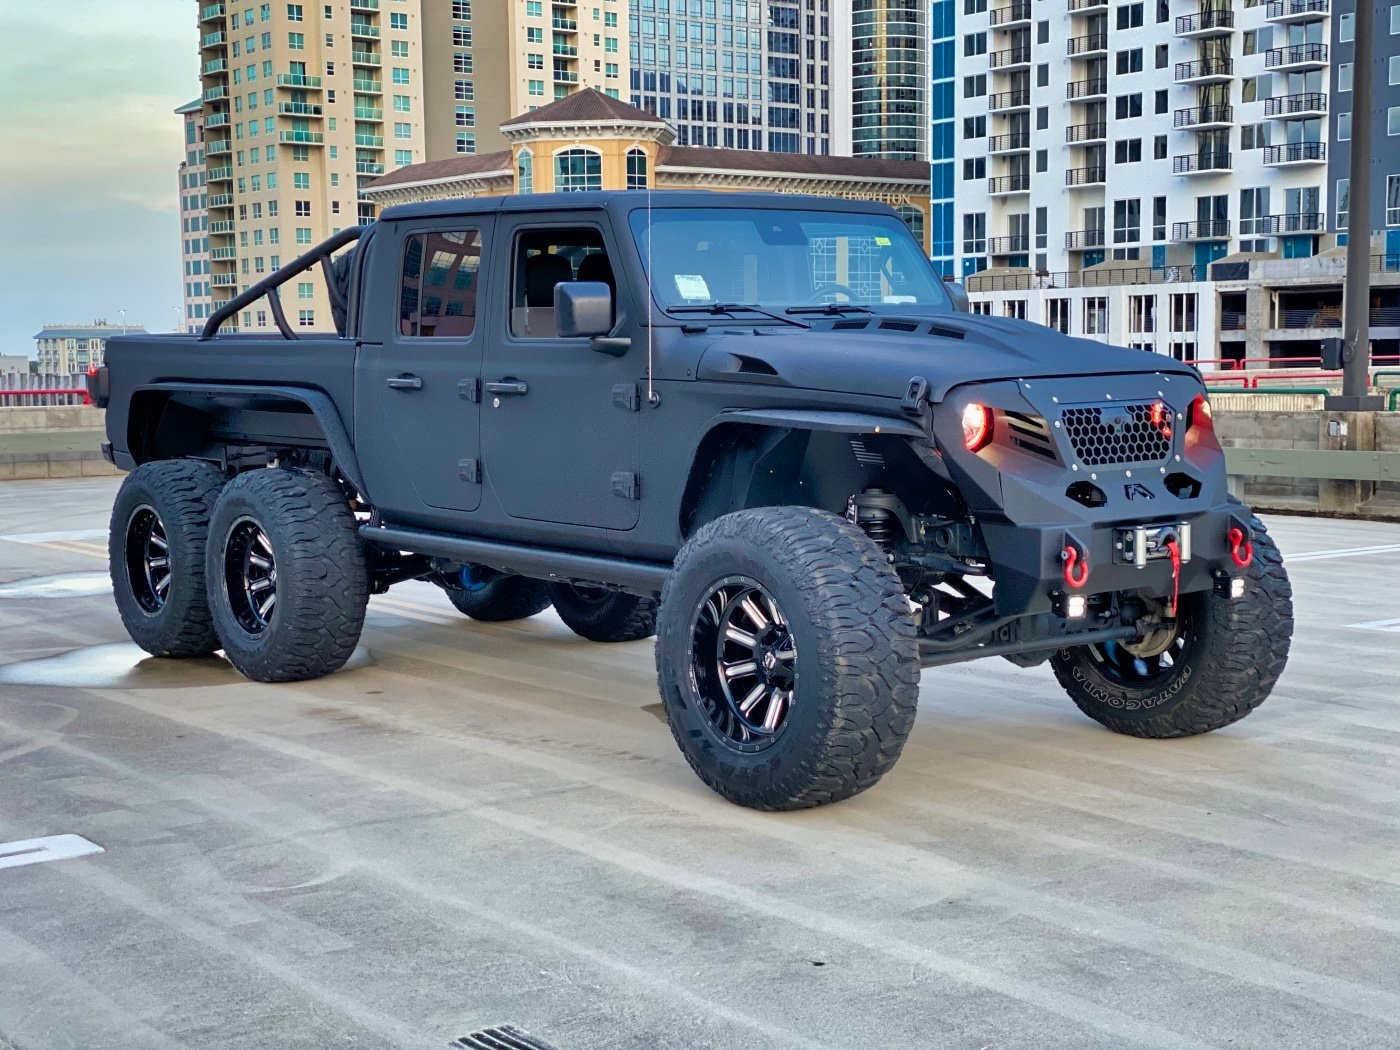 Jeep-Gladiator-6x6-by-So-Flo-Jeeps-11